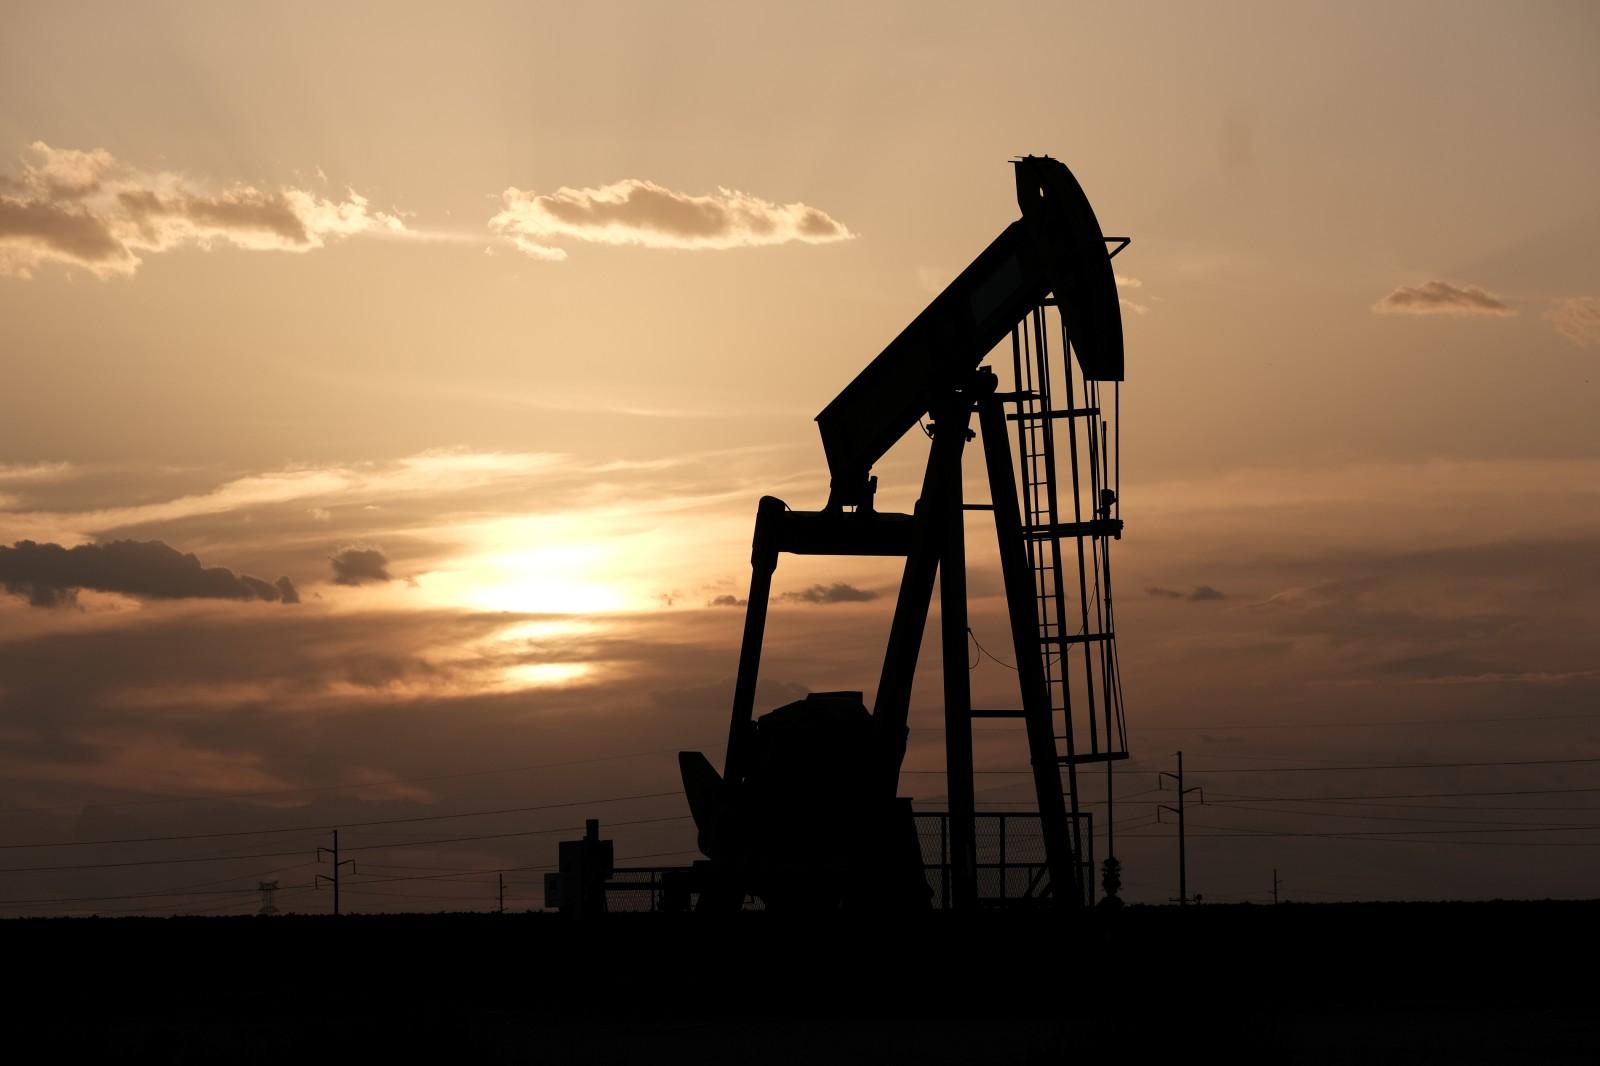 Pemex publicó los parámetros de la nueva fórmula que usará para calcular el precio del crudo Maya, quitándo las referencias con los precios del combustóleo.